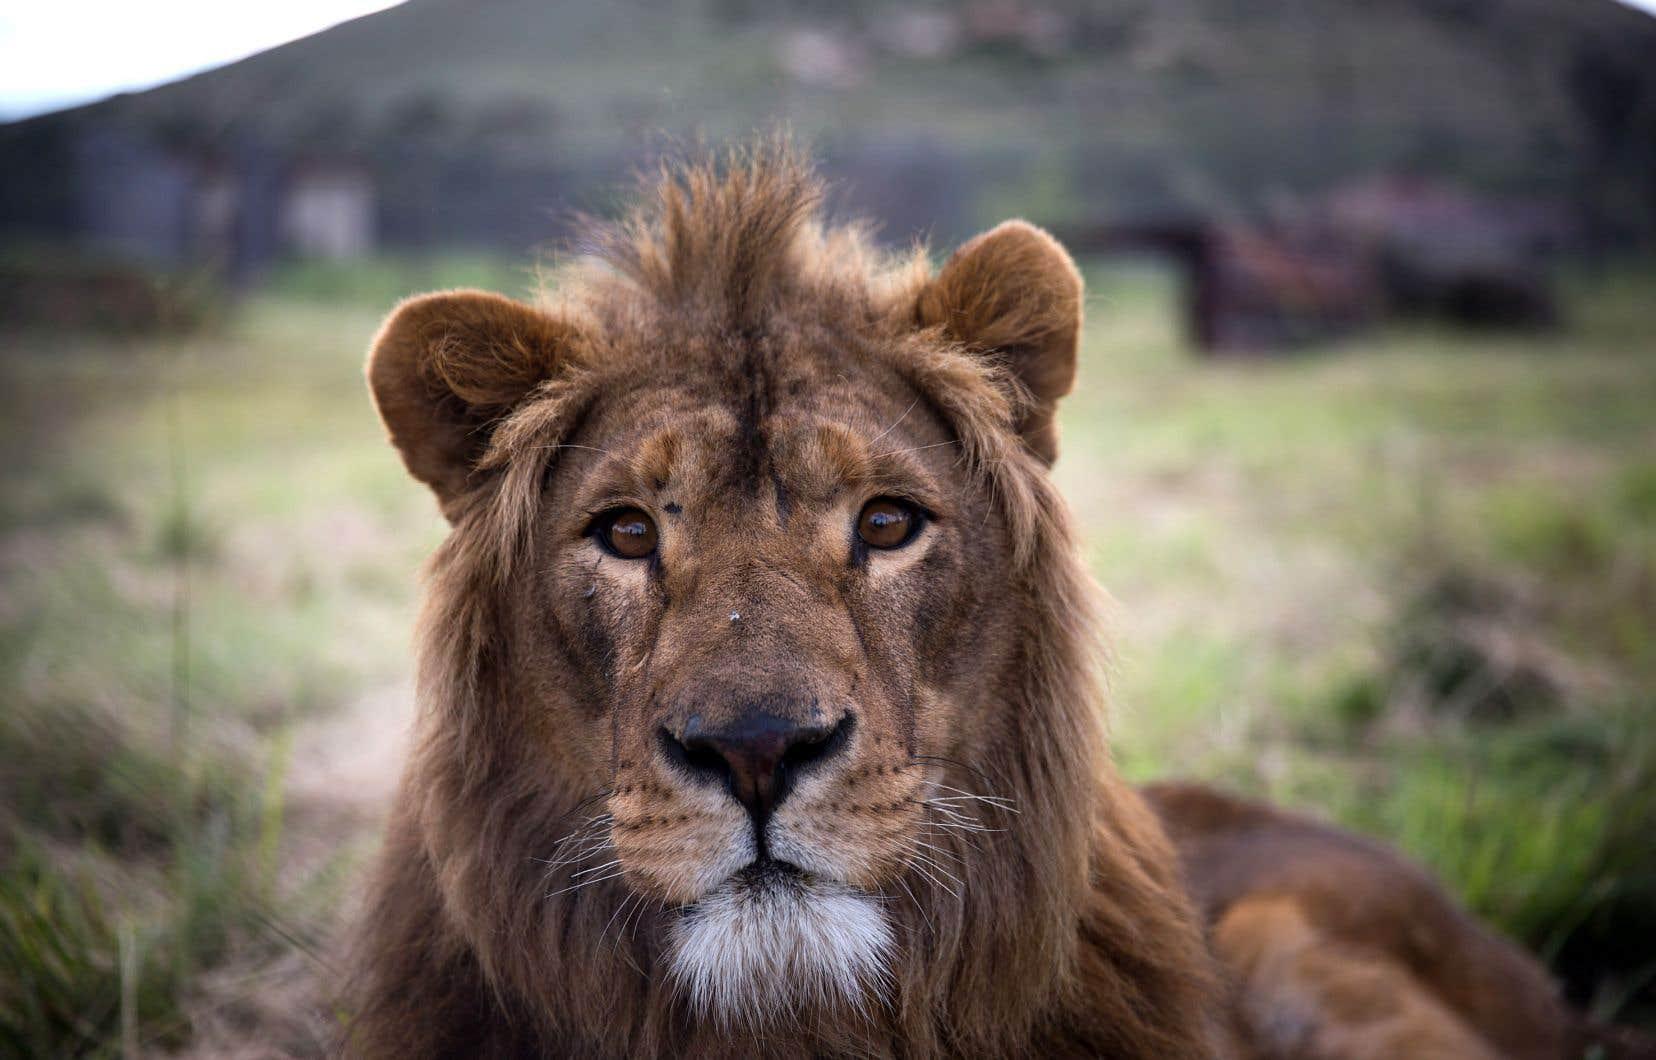 Les scientifiques ont, en général, tendance à étudier plus étroitement les populations vivant dans les écosystèmes menacés, ou à dénombrer les grands animaux qui souffrent le plus de la présence humaine, comme les lions.